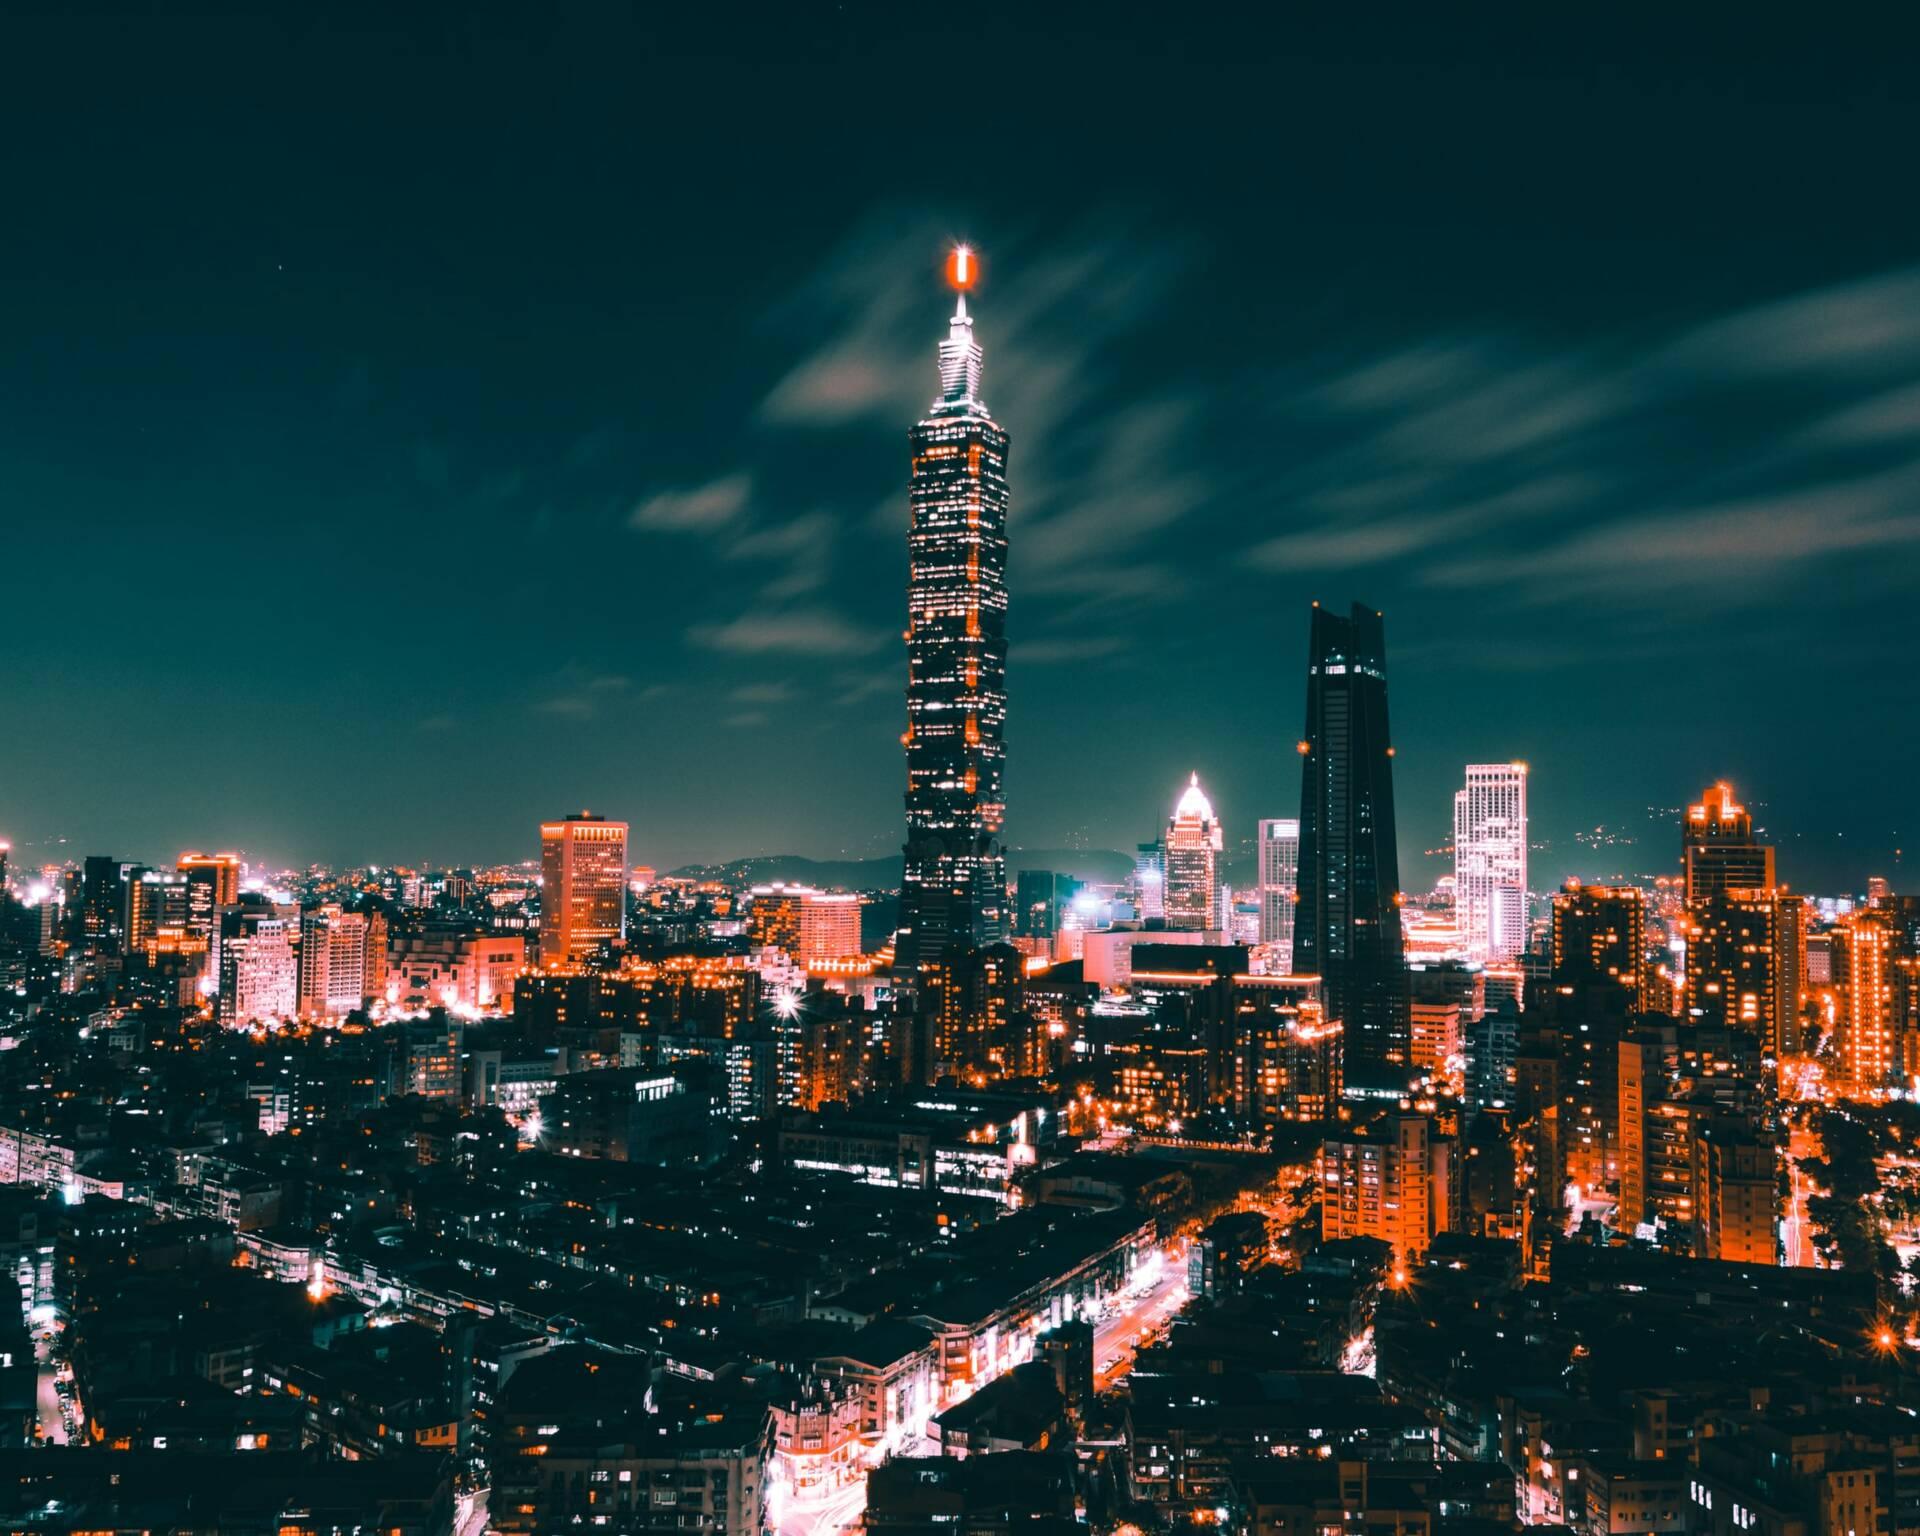 il ministro digitale di taiwan dichiara che la blockchain e una priorita assoluta per la nazione 1920x1536 - Home Page